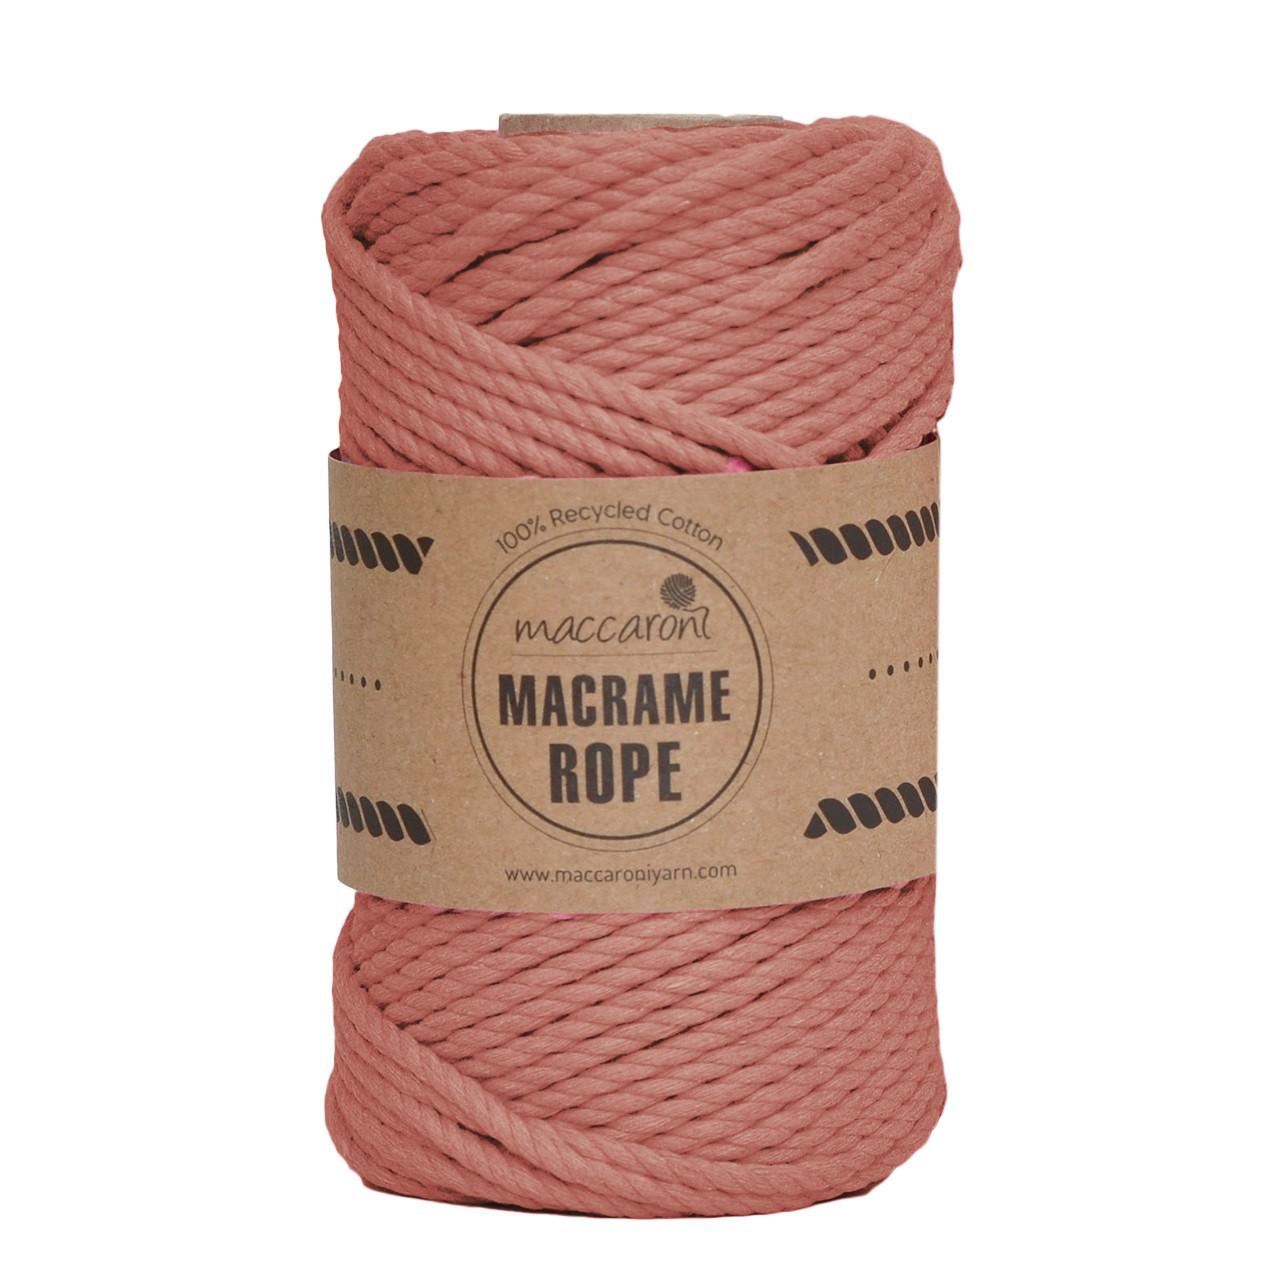 Бавовняний шнур Maccaroni Macrame Rope 4 mm Цегляний